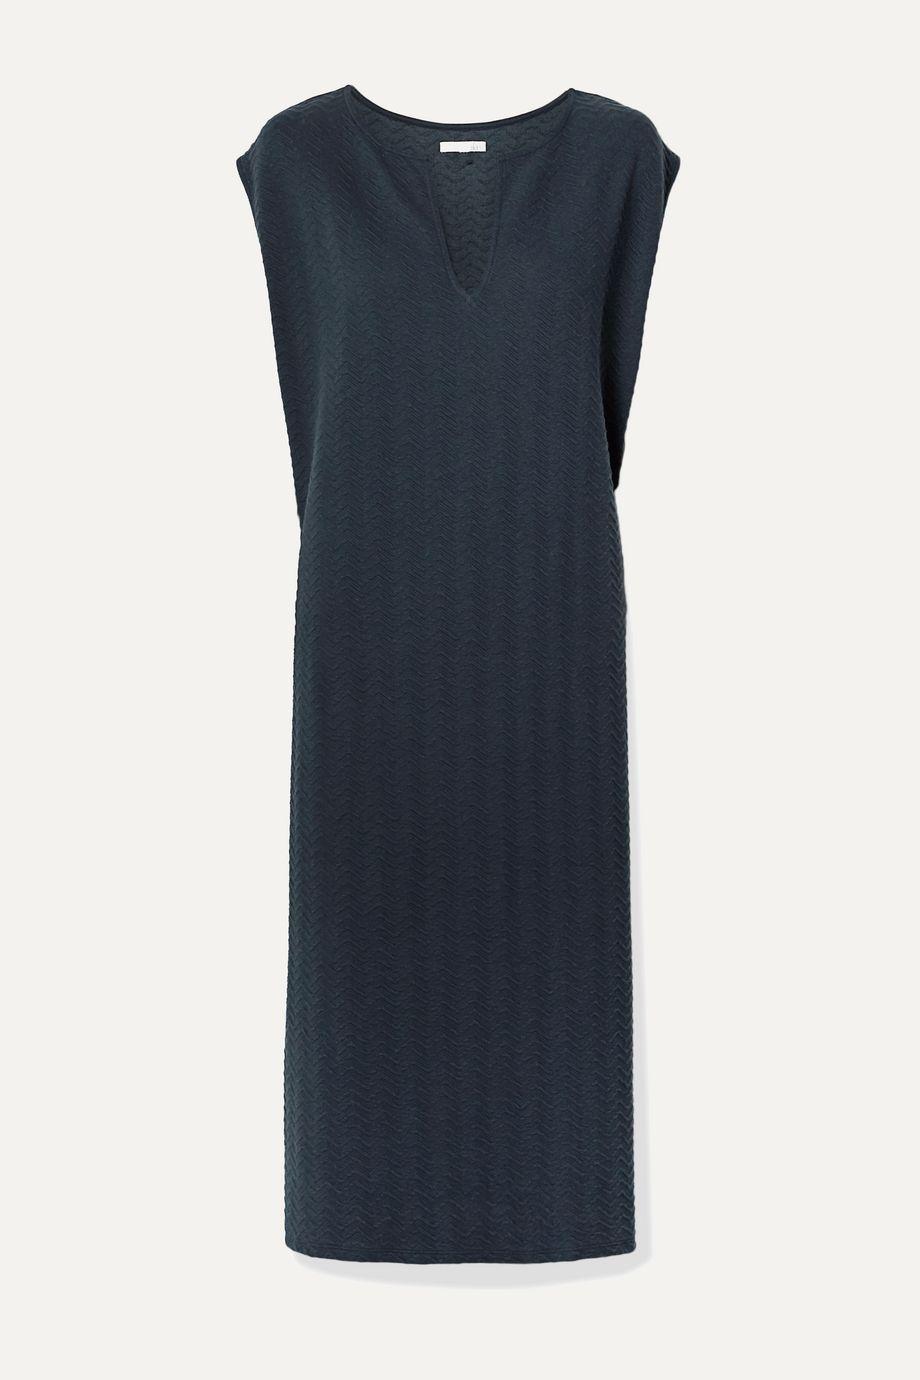 Skin Catalina Midikleid aus strukturierter Stretch-Baumwolle